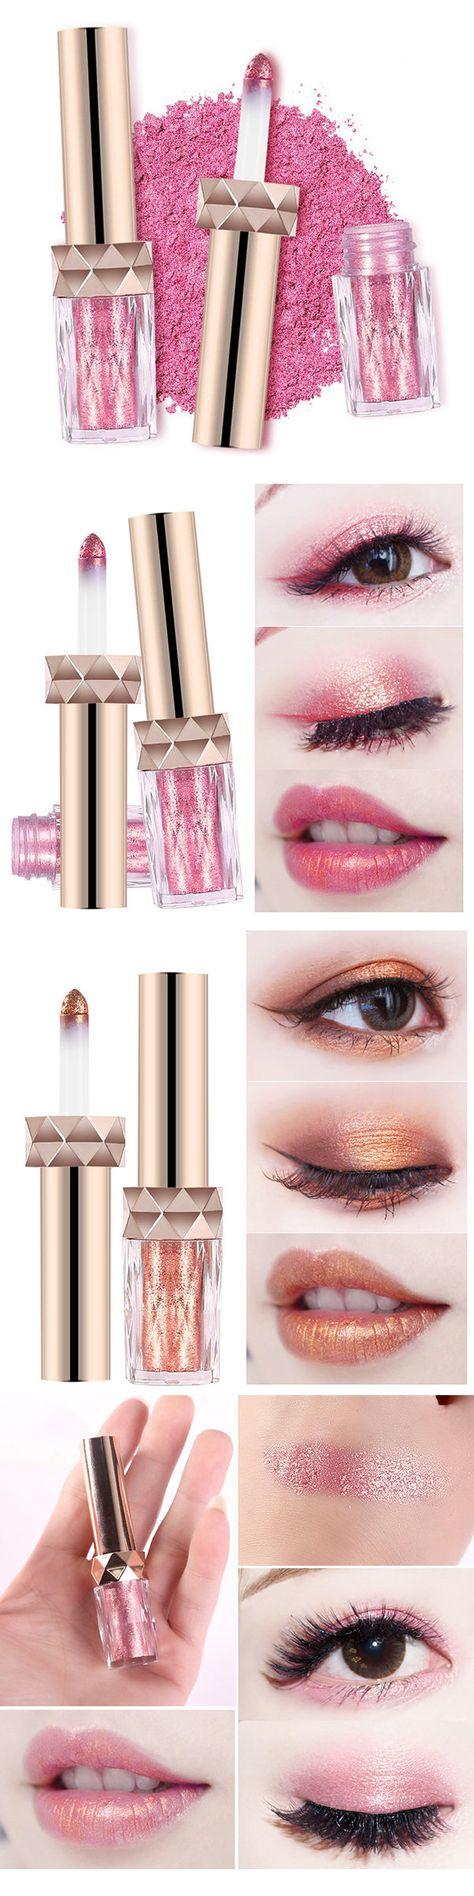 2 In 1 Mermaid Eye Shadow Makeup Waterproof Lipstick Loose